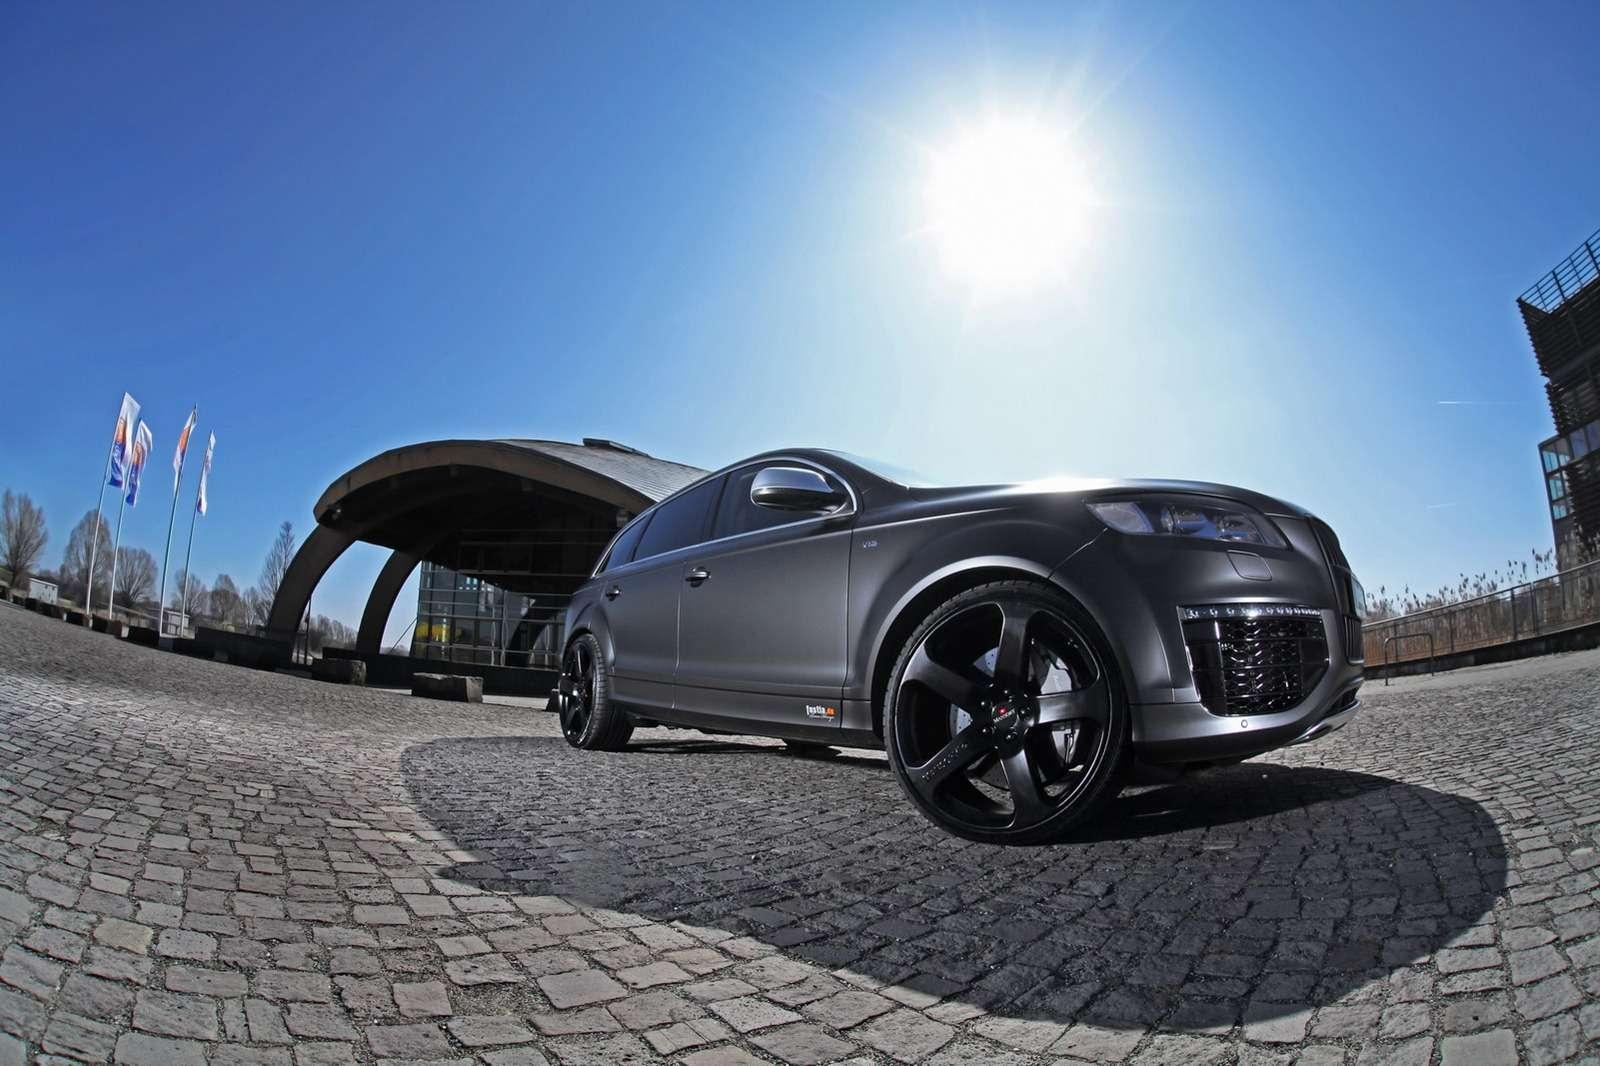 Audi Q7 V12 TDI Fostla tuning